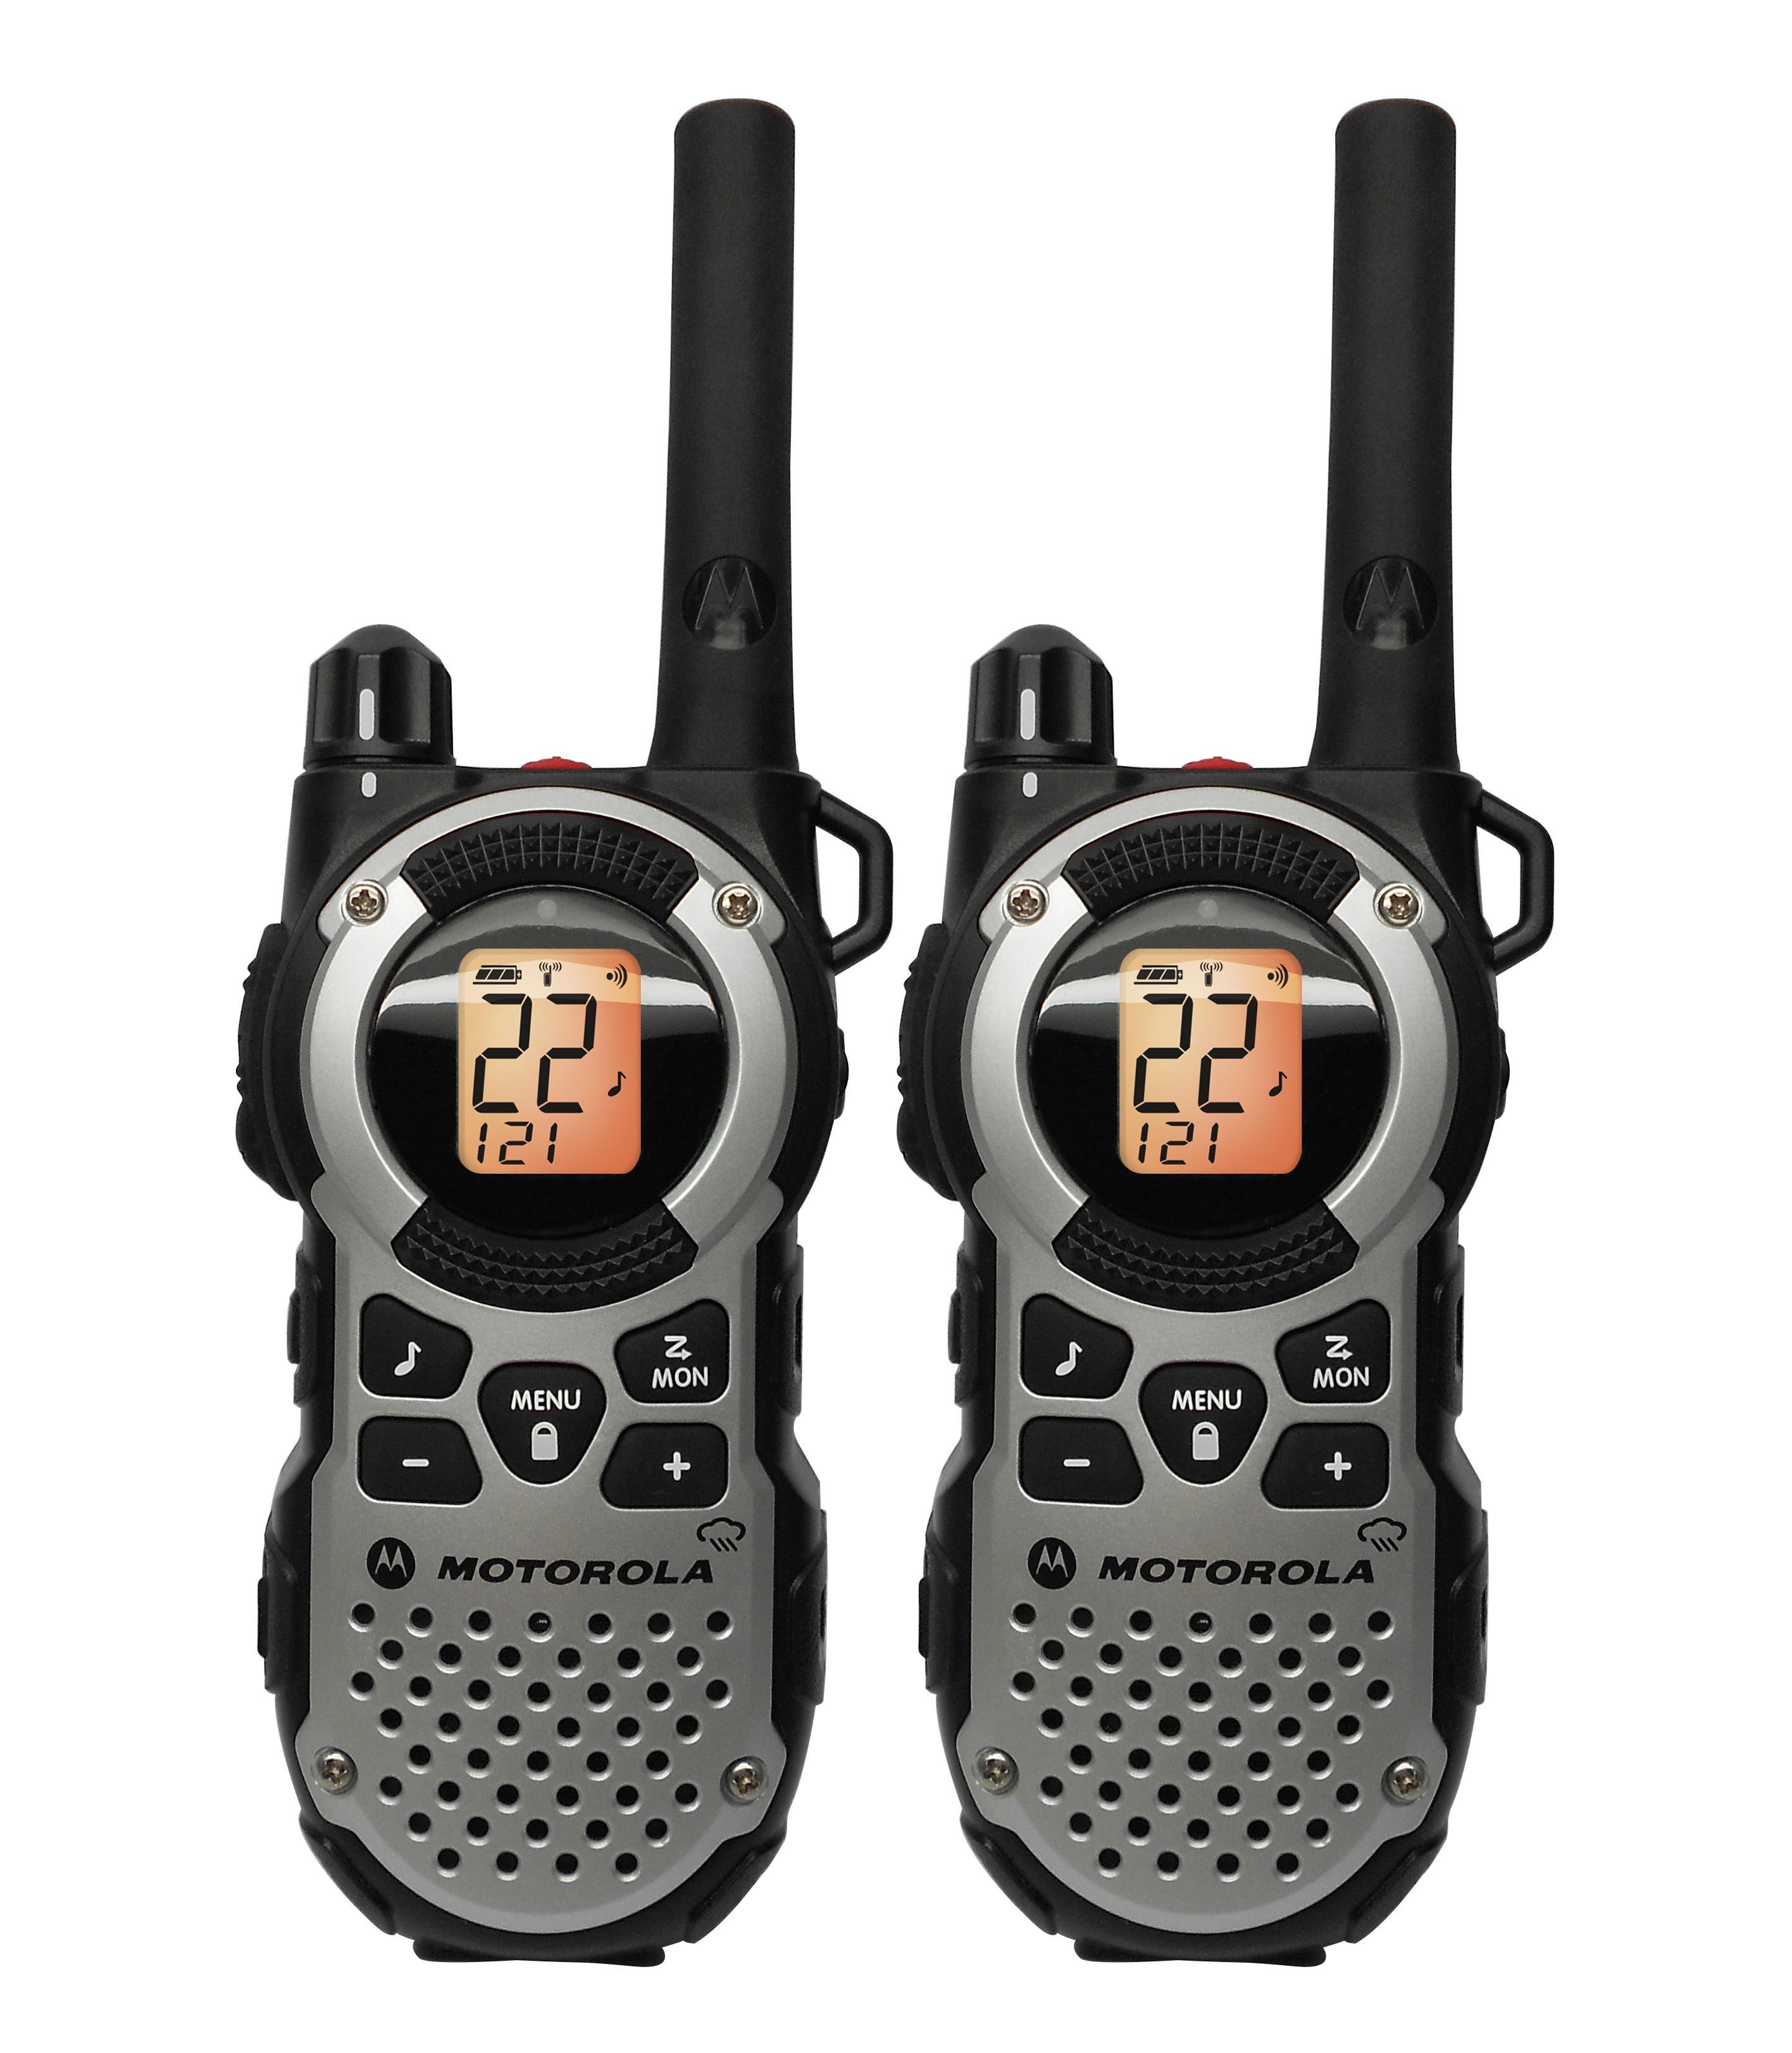 Amazon.com: Motorola MT352R FRS Weatherproof Two-Way - 35